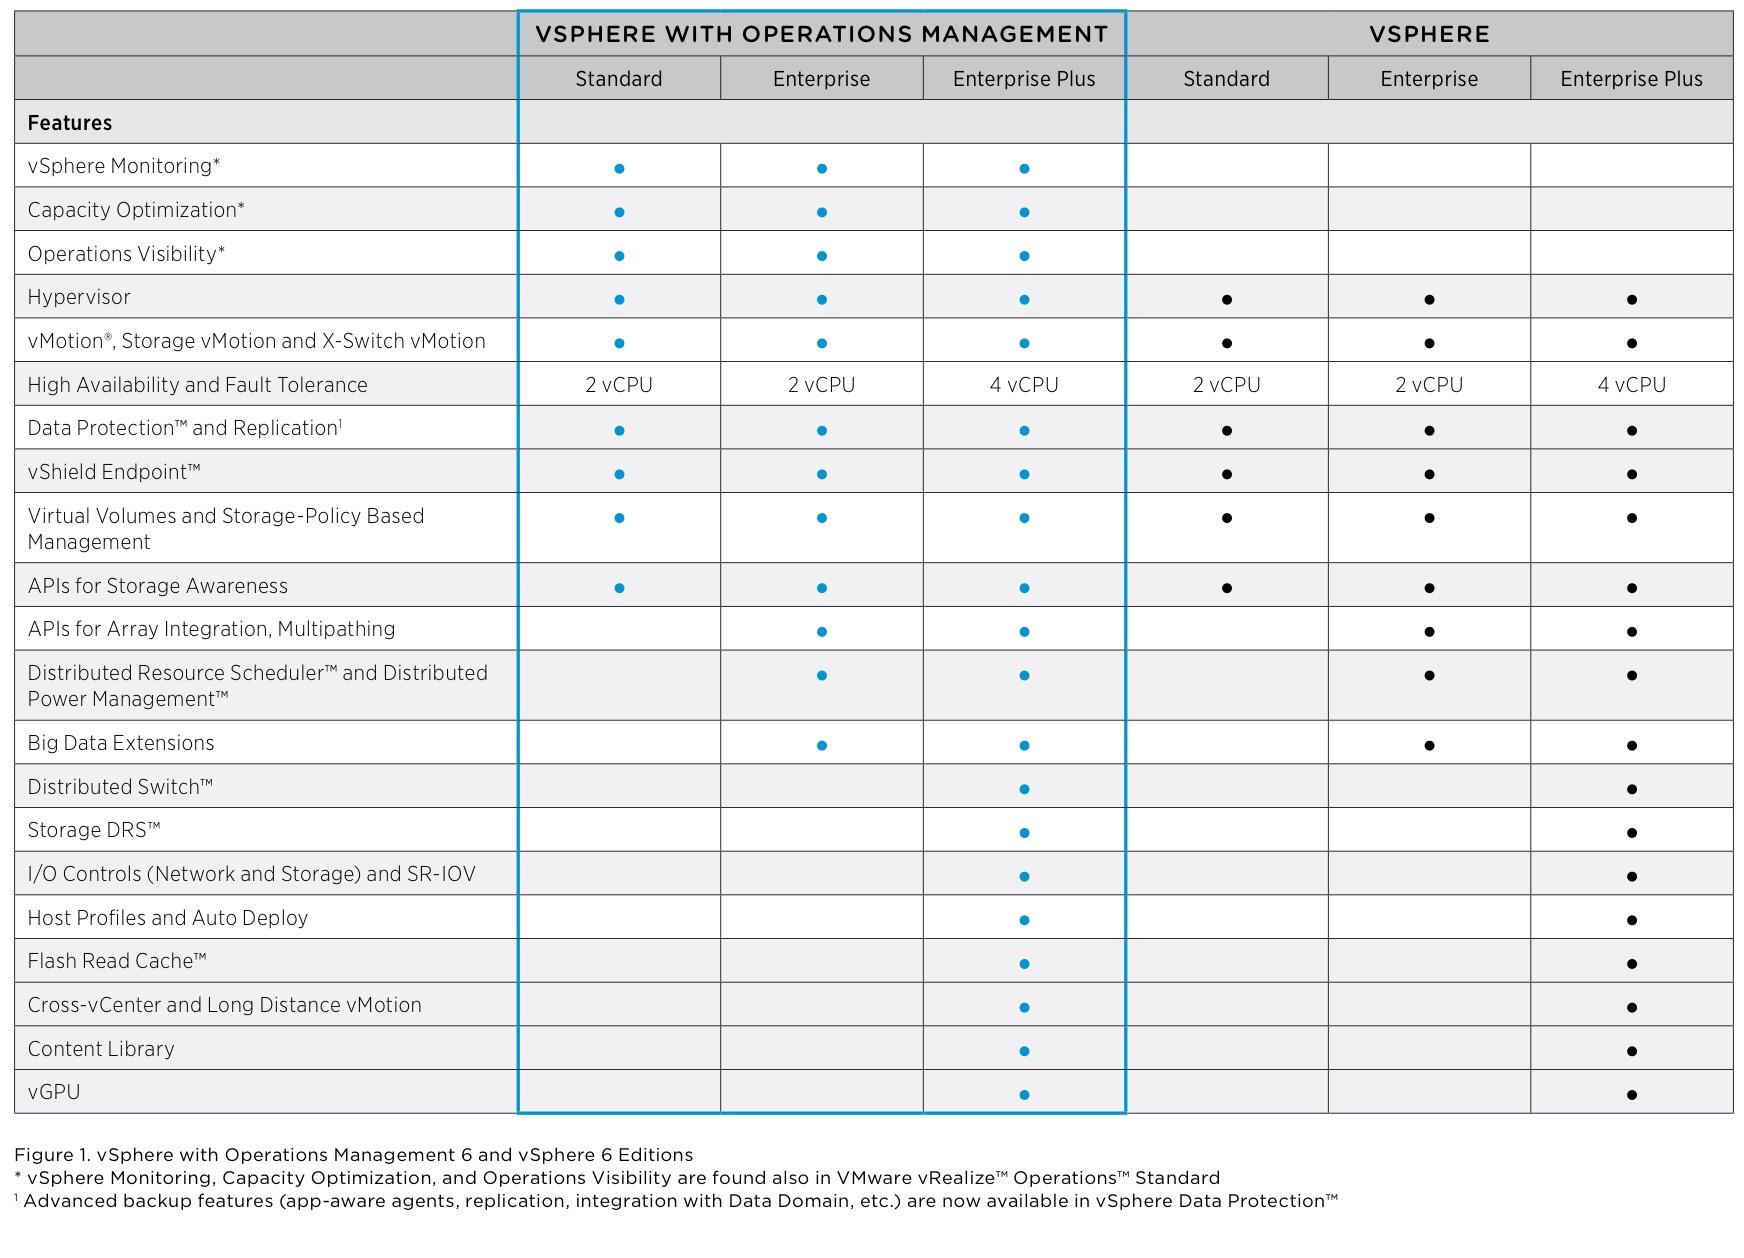 download Unternehmensübernahmen und Erwerbsangebote in Deutschland: Eine empirische